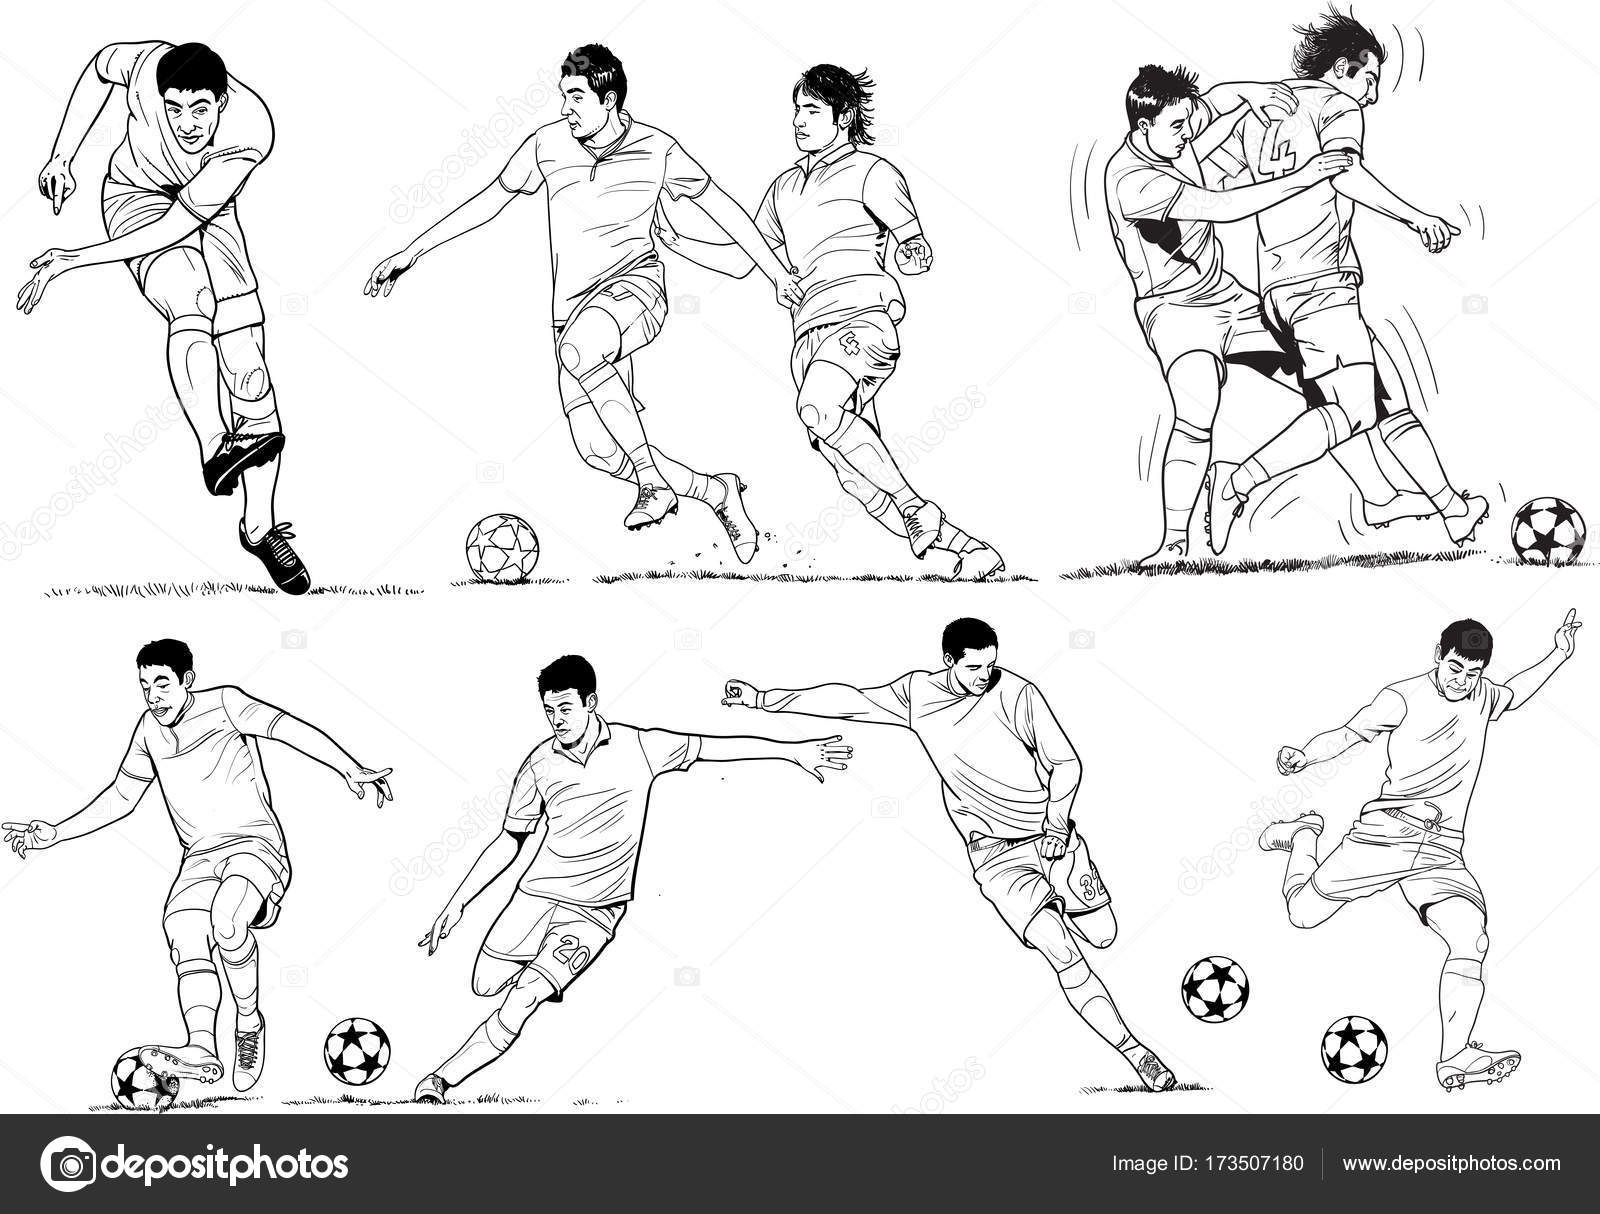 Soccers spieler zeichnen stockvektor